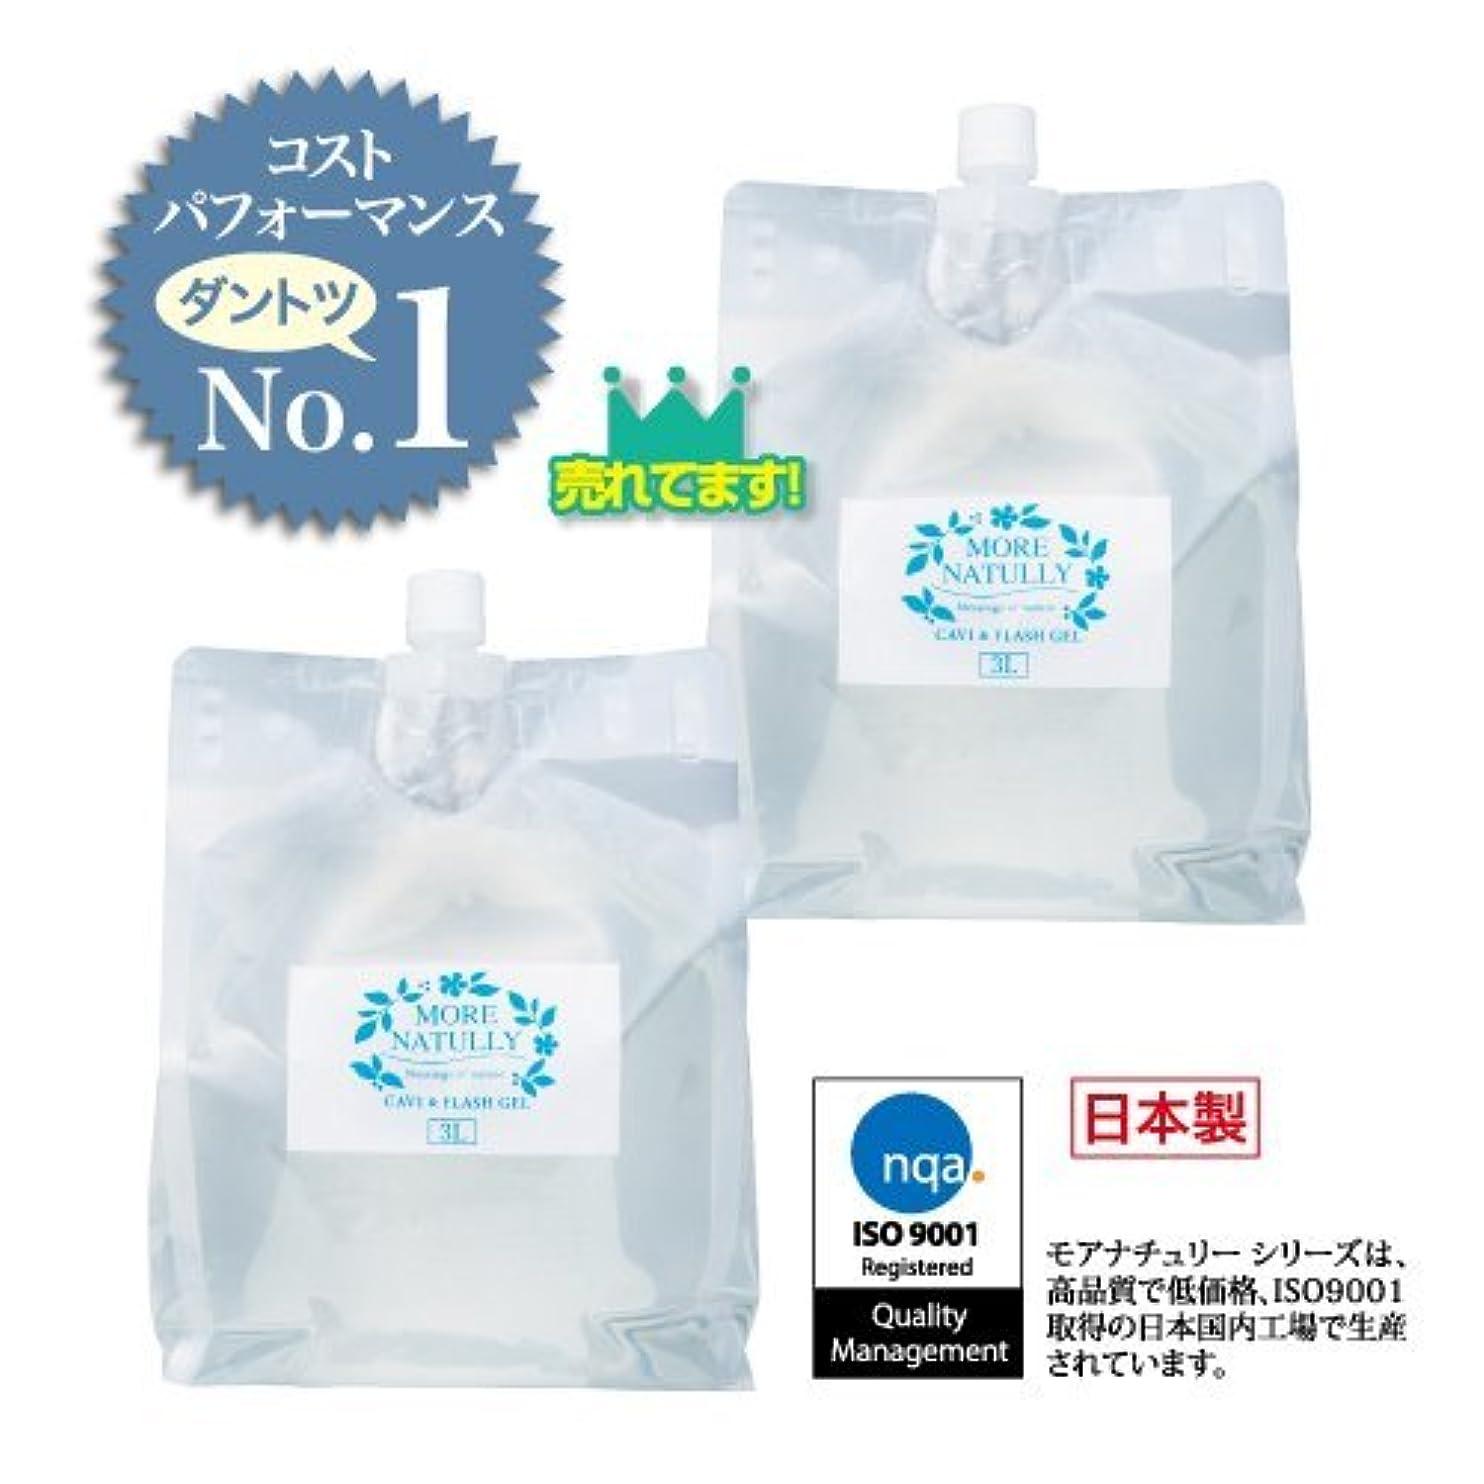 フィッティング島私たちのものモアナチュリー キャビ&フラッシュジェル 【ソフト】3kg×2袋